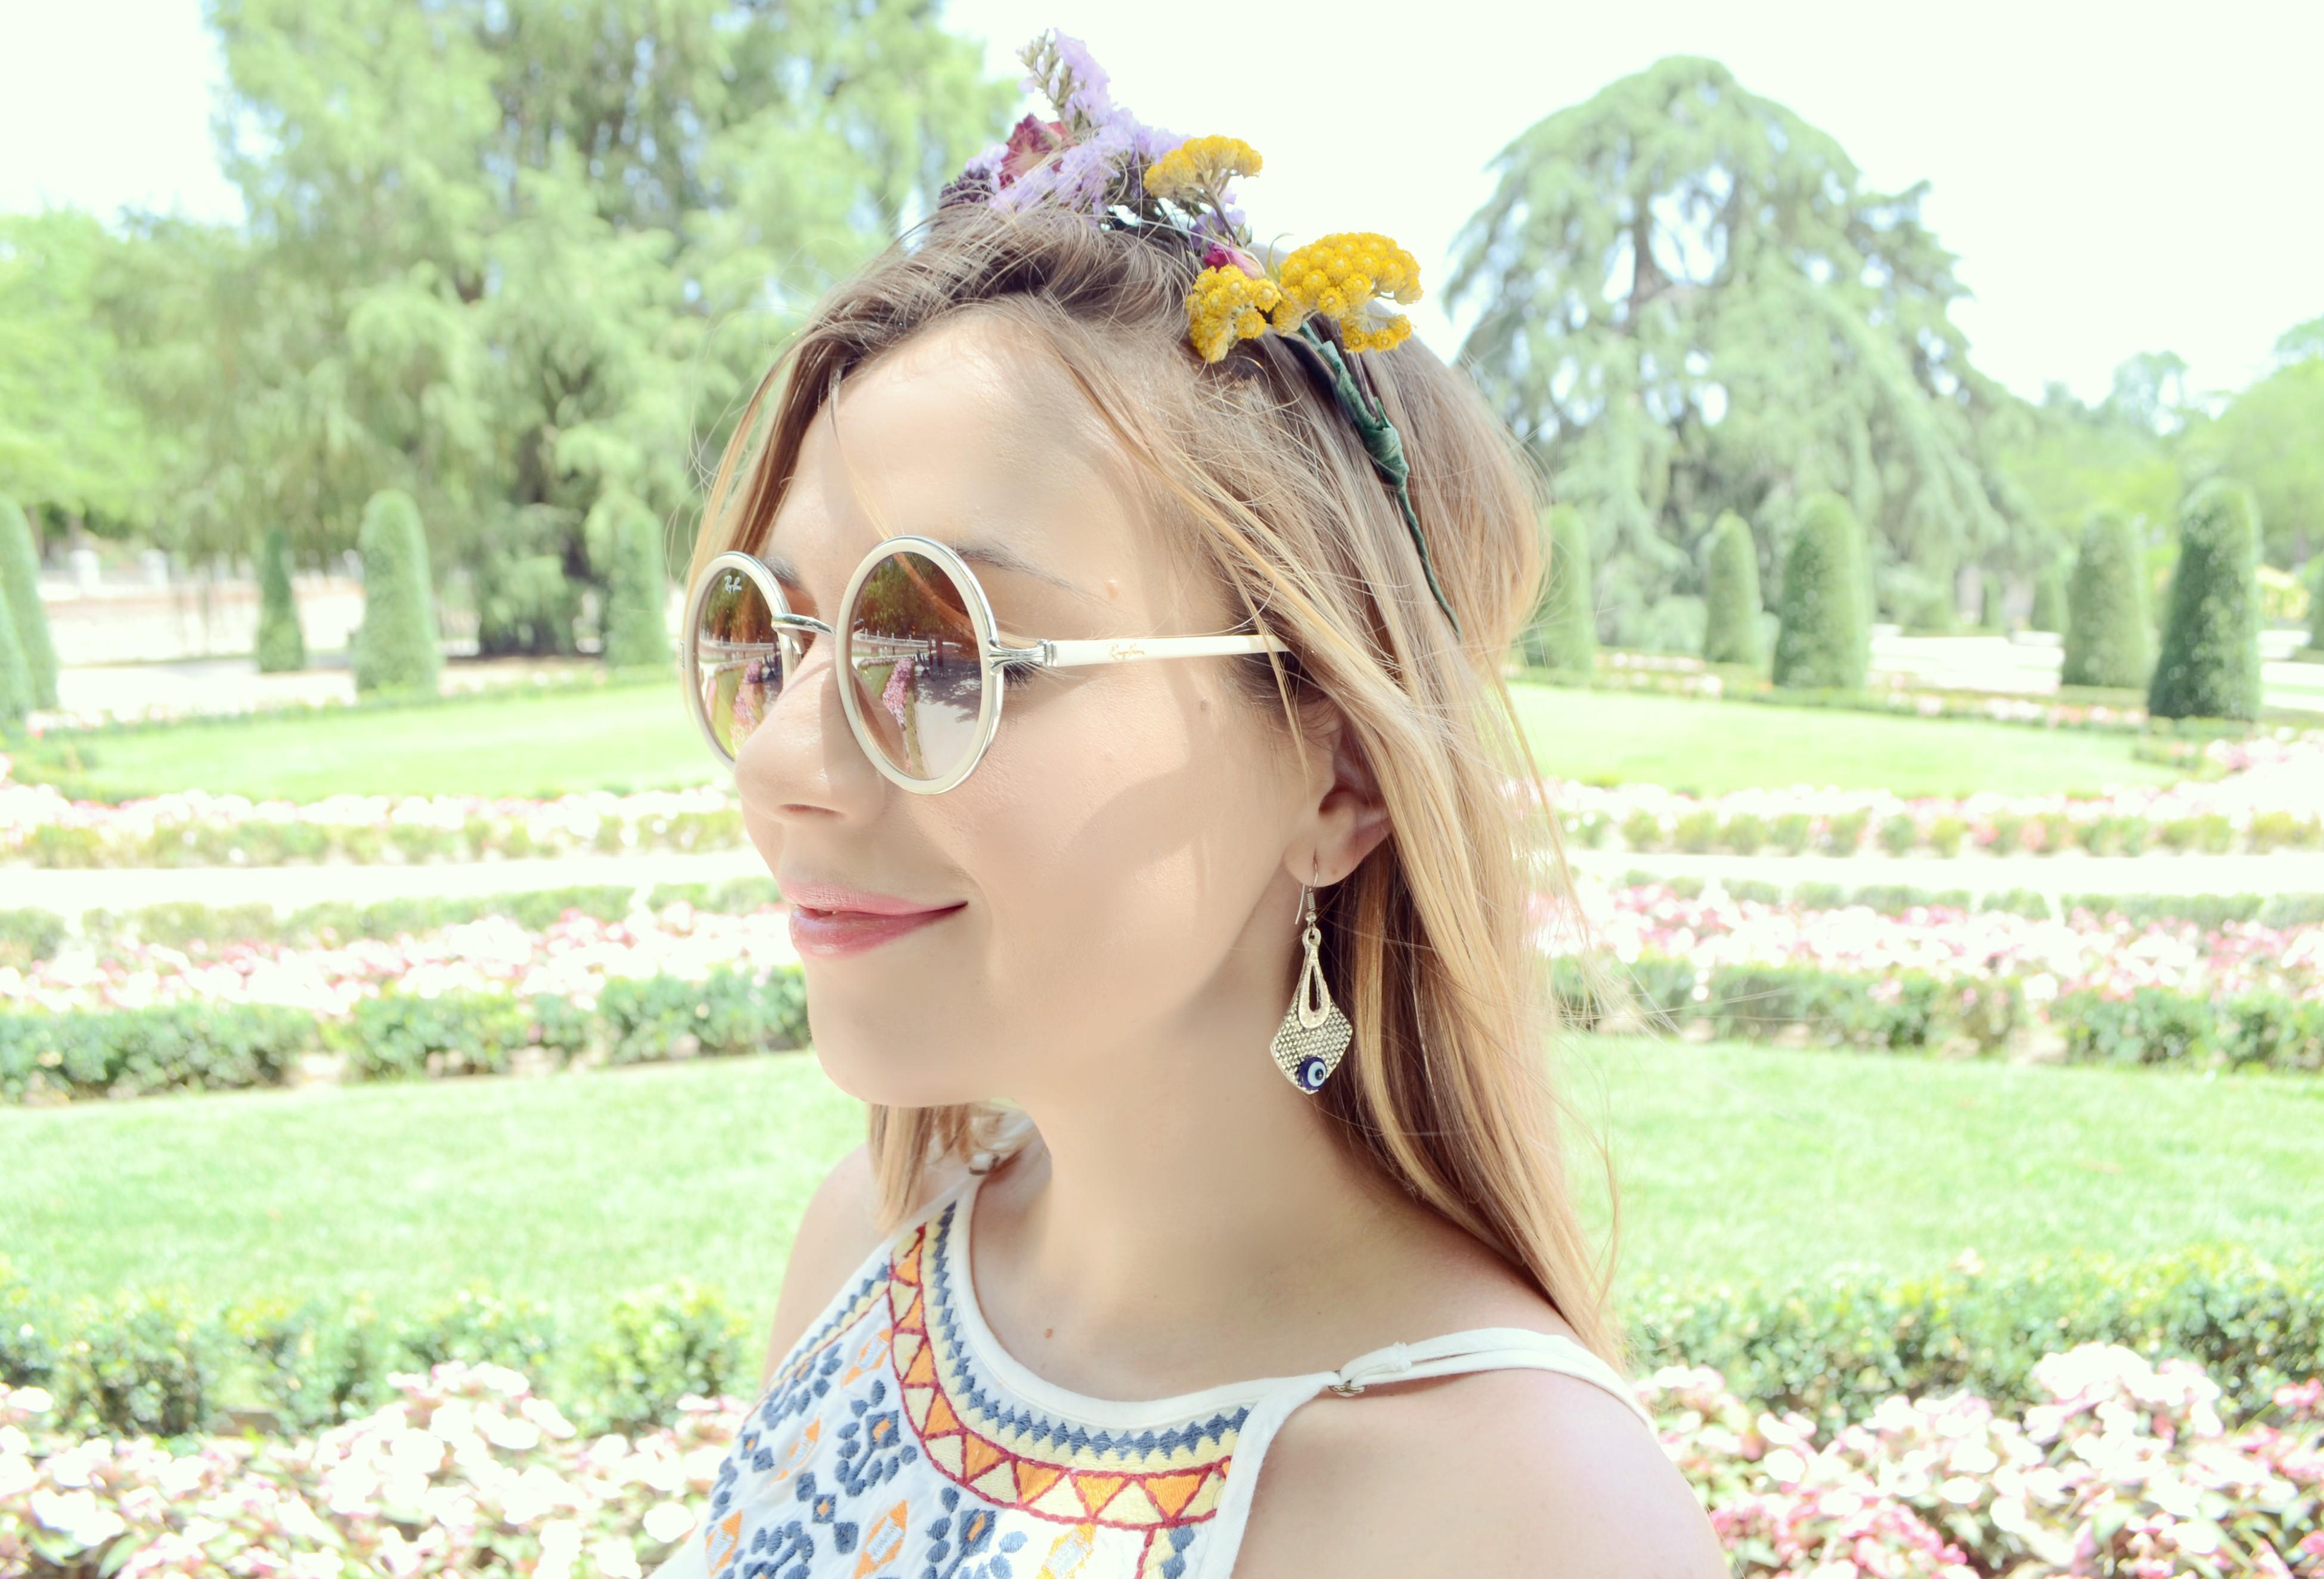 ChicAdicta-blog-de-moda-Chic-Adicta-corona-de-flores-vestidos-de-verano-surkana-summer-outfit-rayban-sunglasses-PiensaenChic-Piensa-en-Chic